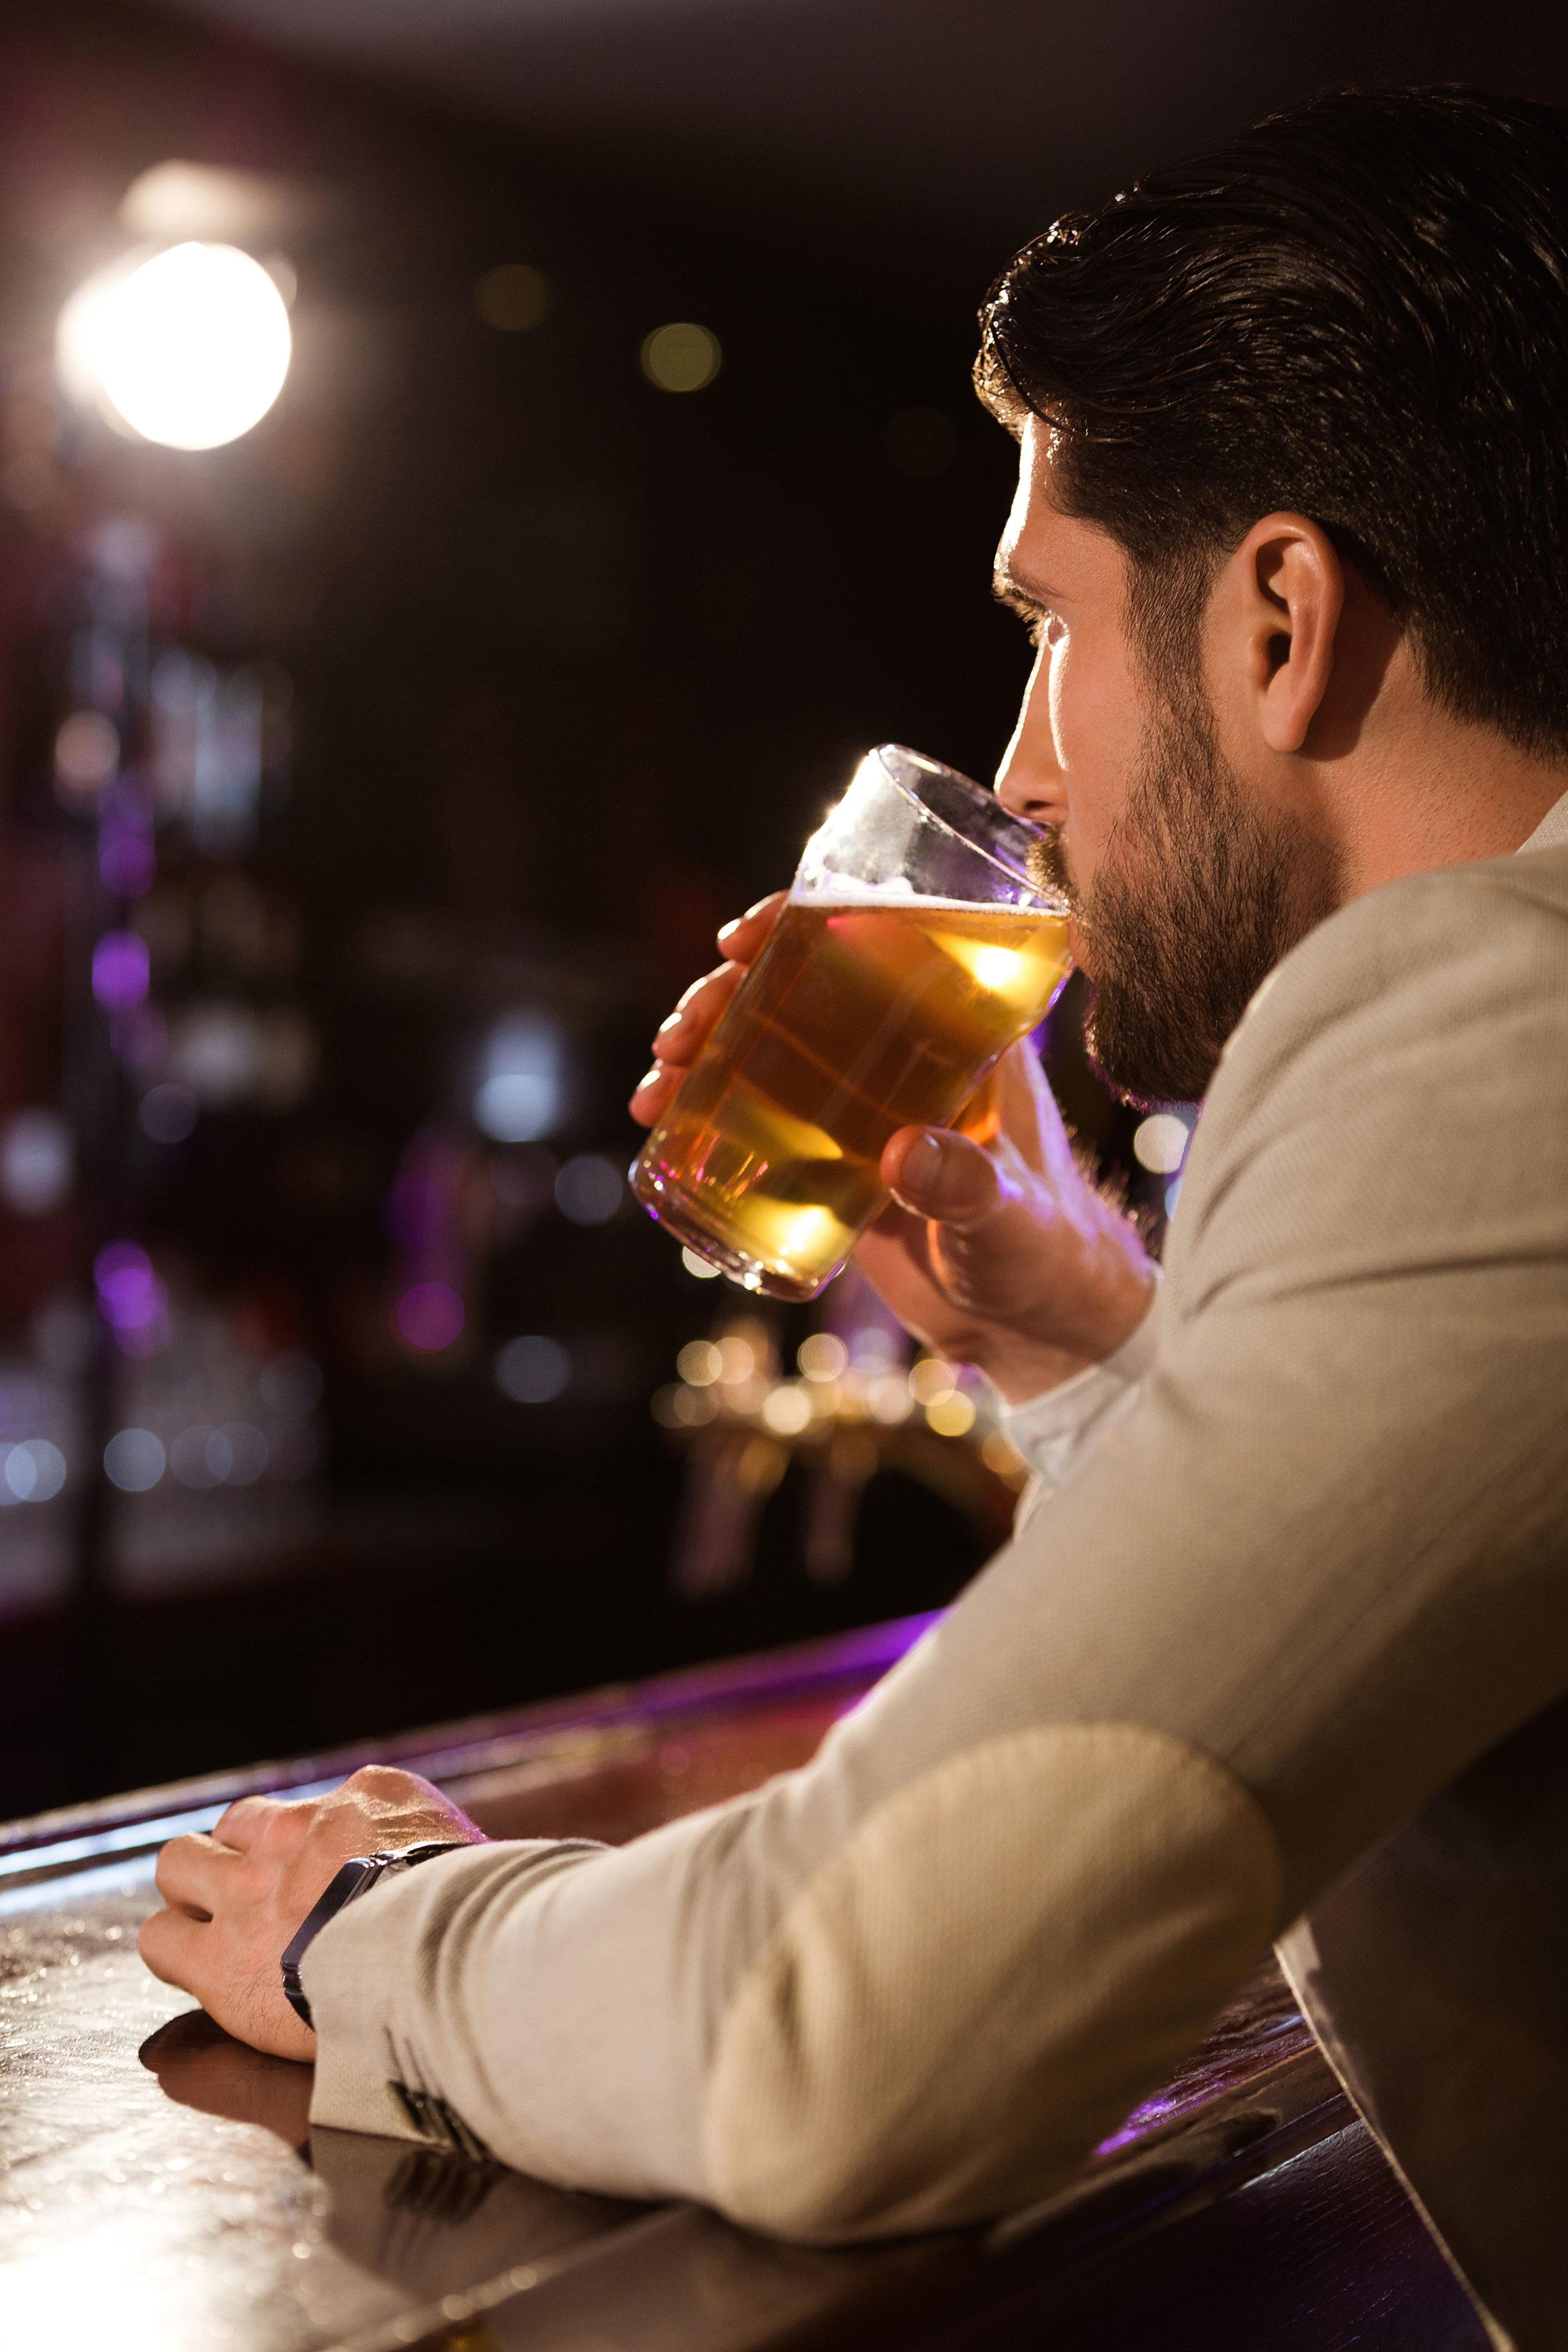 """Eine """"sichere"""" Dosis Alkohol gibt es nicht. Aber wer viel und häufig trinkt, schadet seiner Gesundheit besonders stark."""